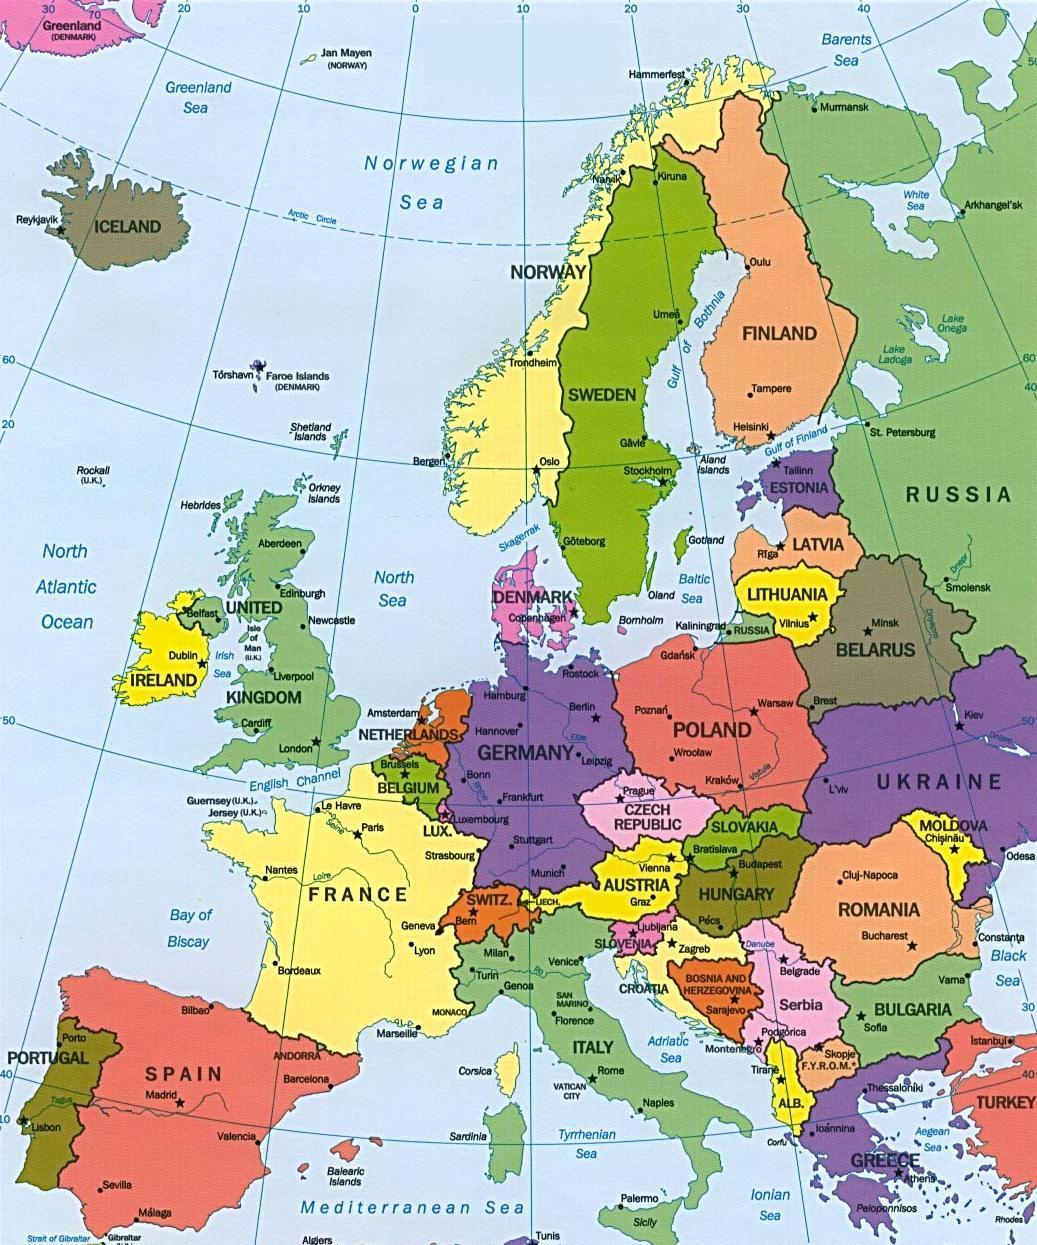 Avrupa nın siyasi haritası